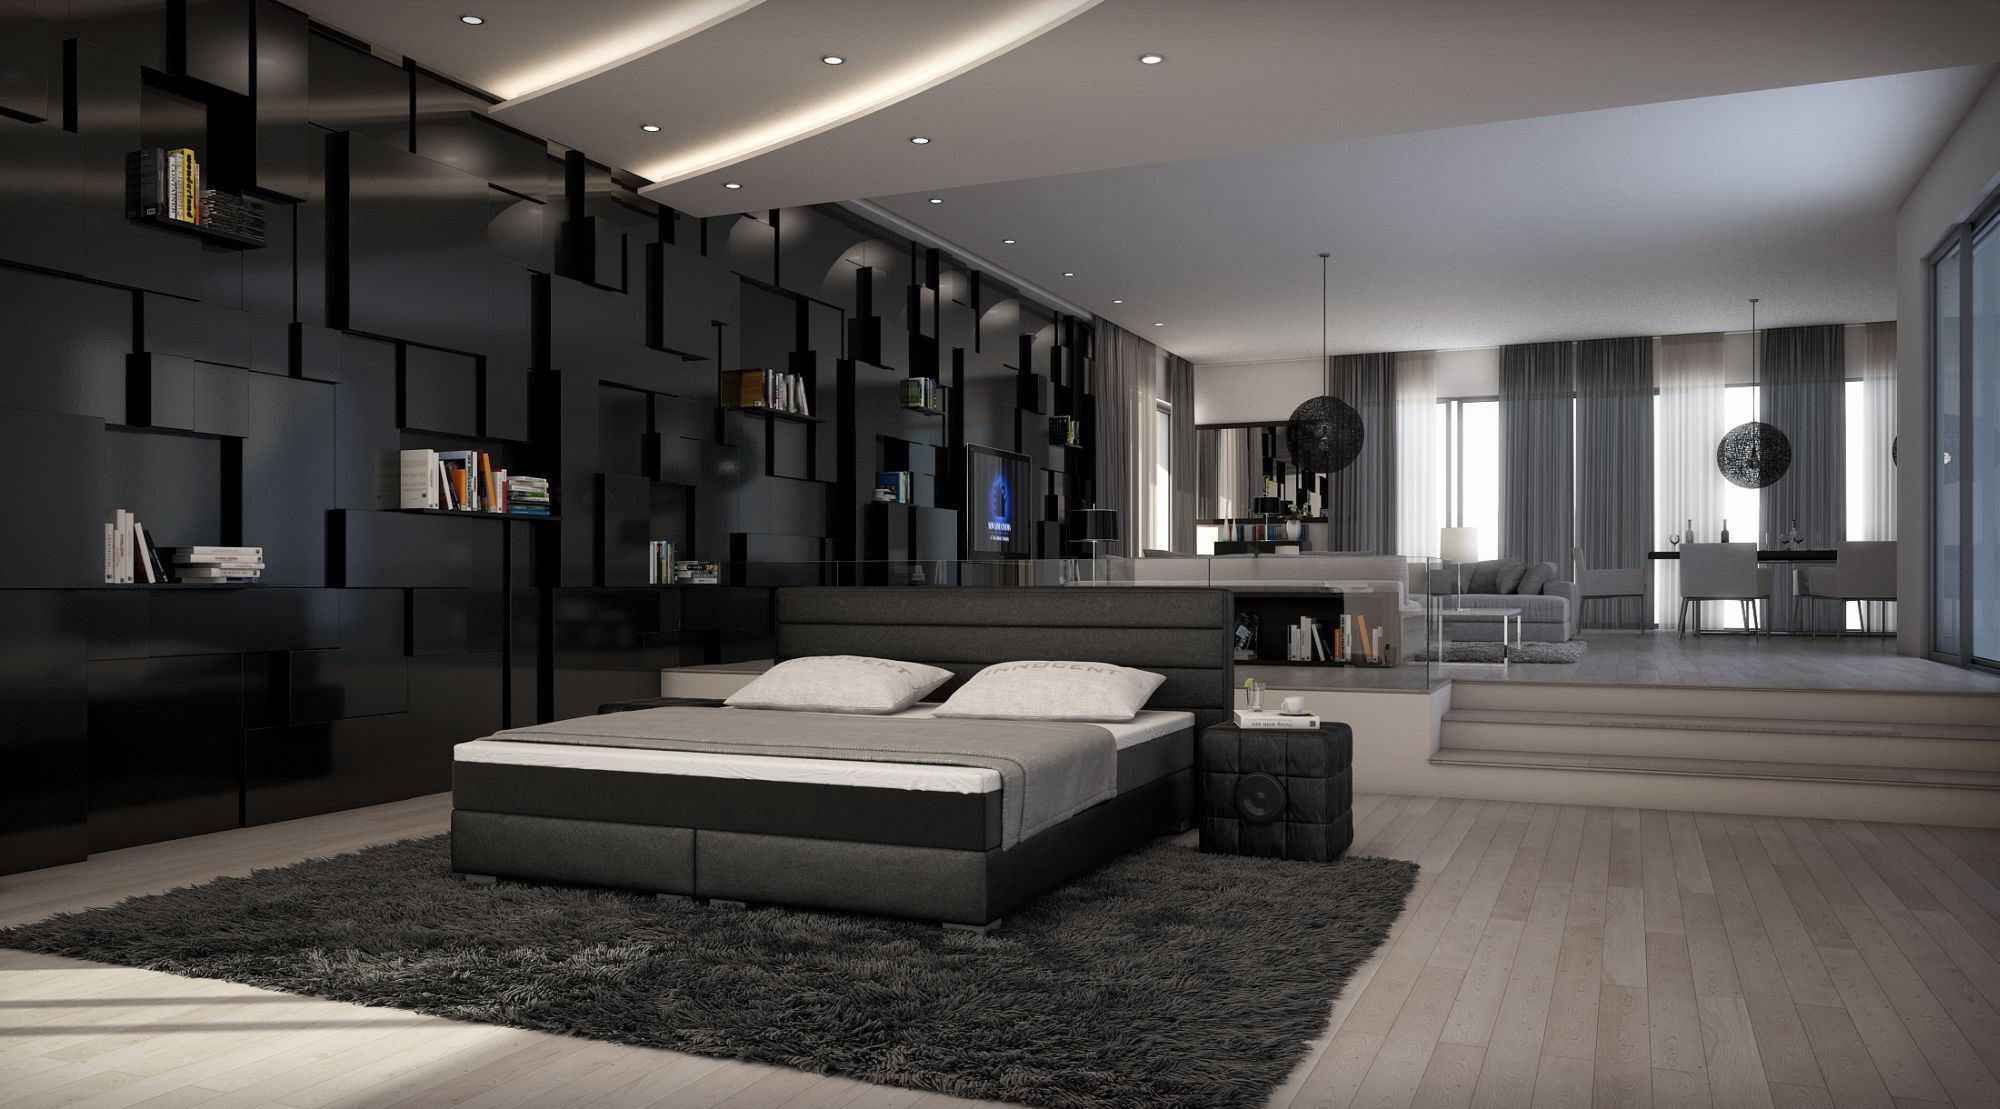 schwarz wohnzimmer:Sofas & Ledersofa